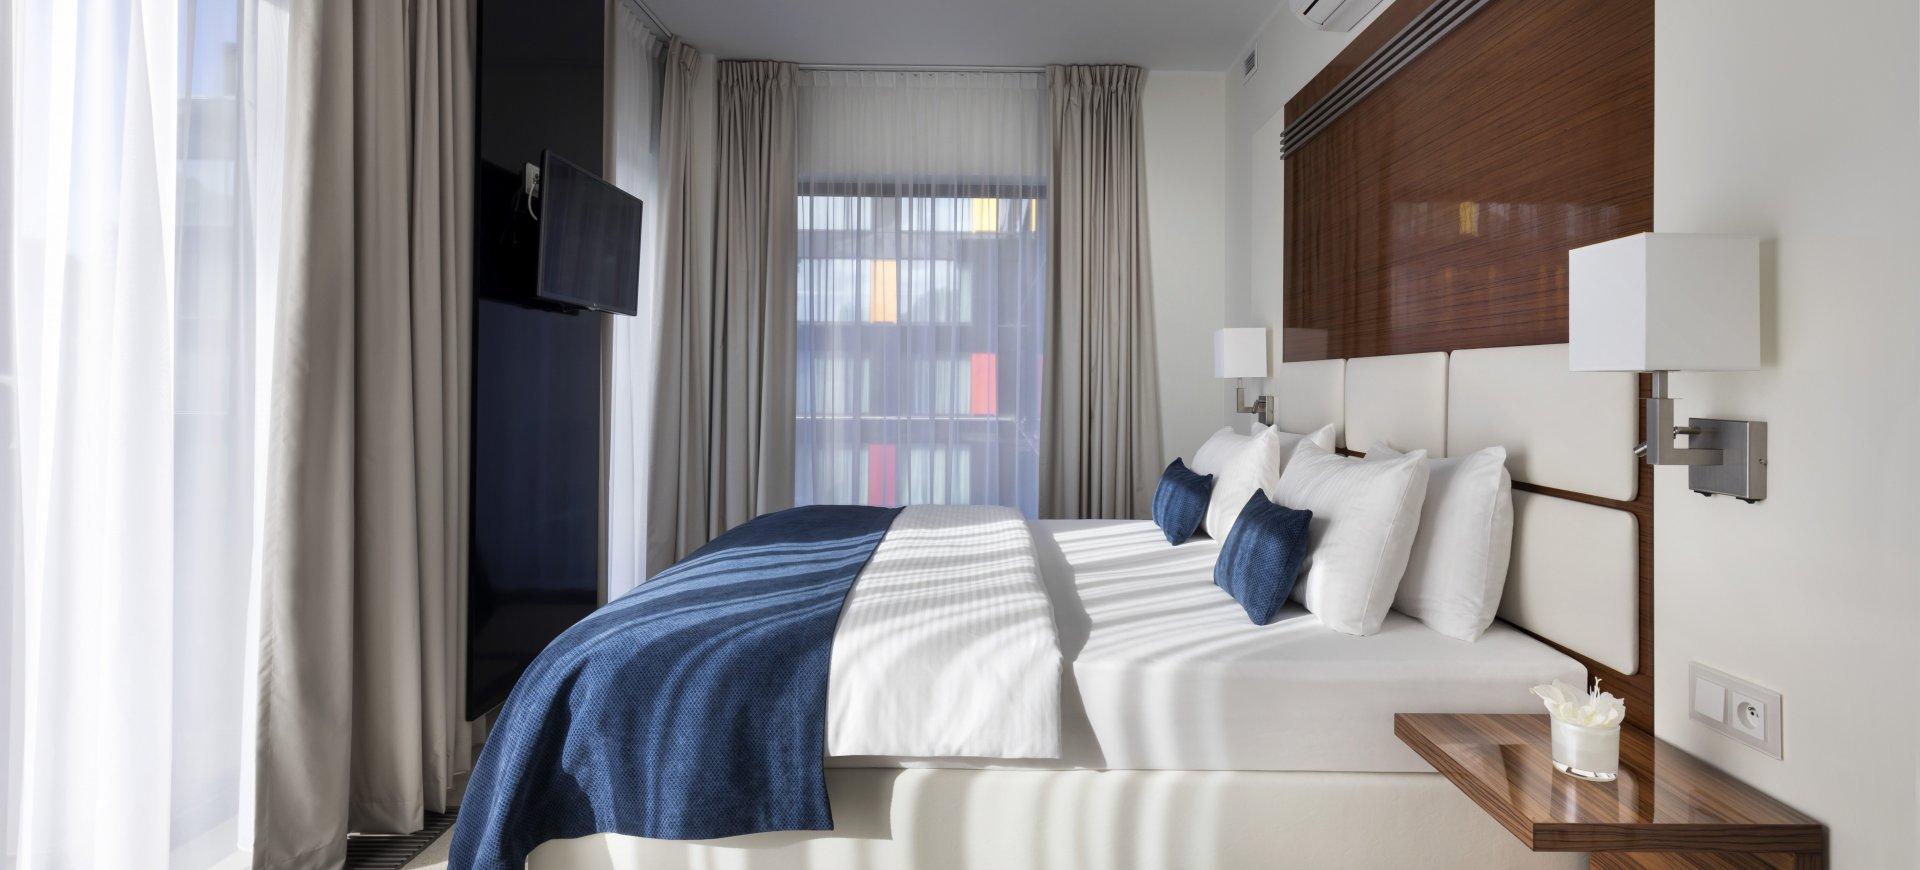 Apartament (2 sypialnie i salon)